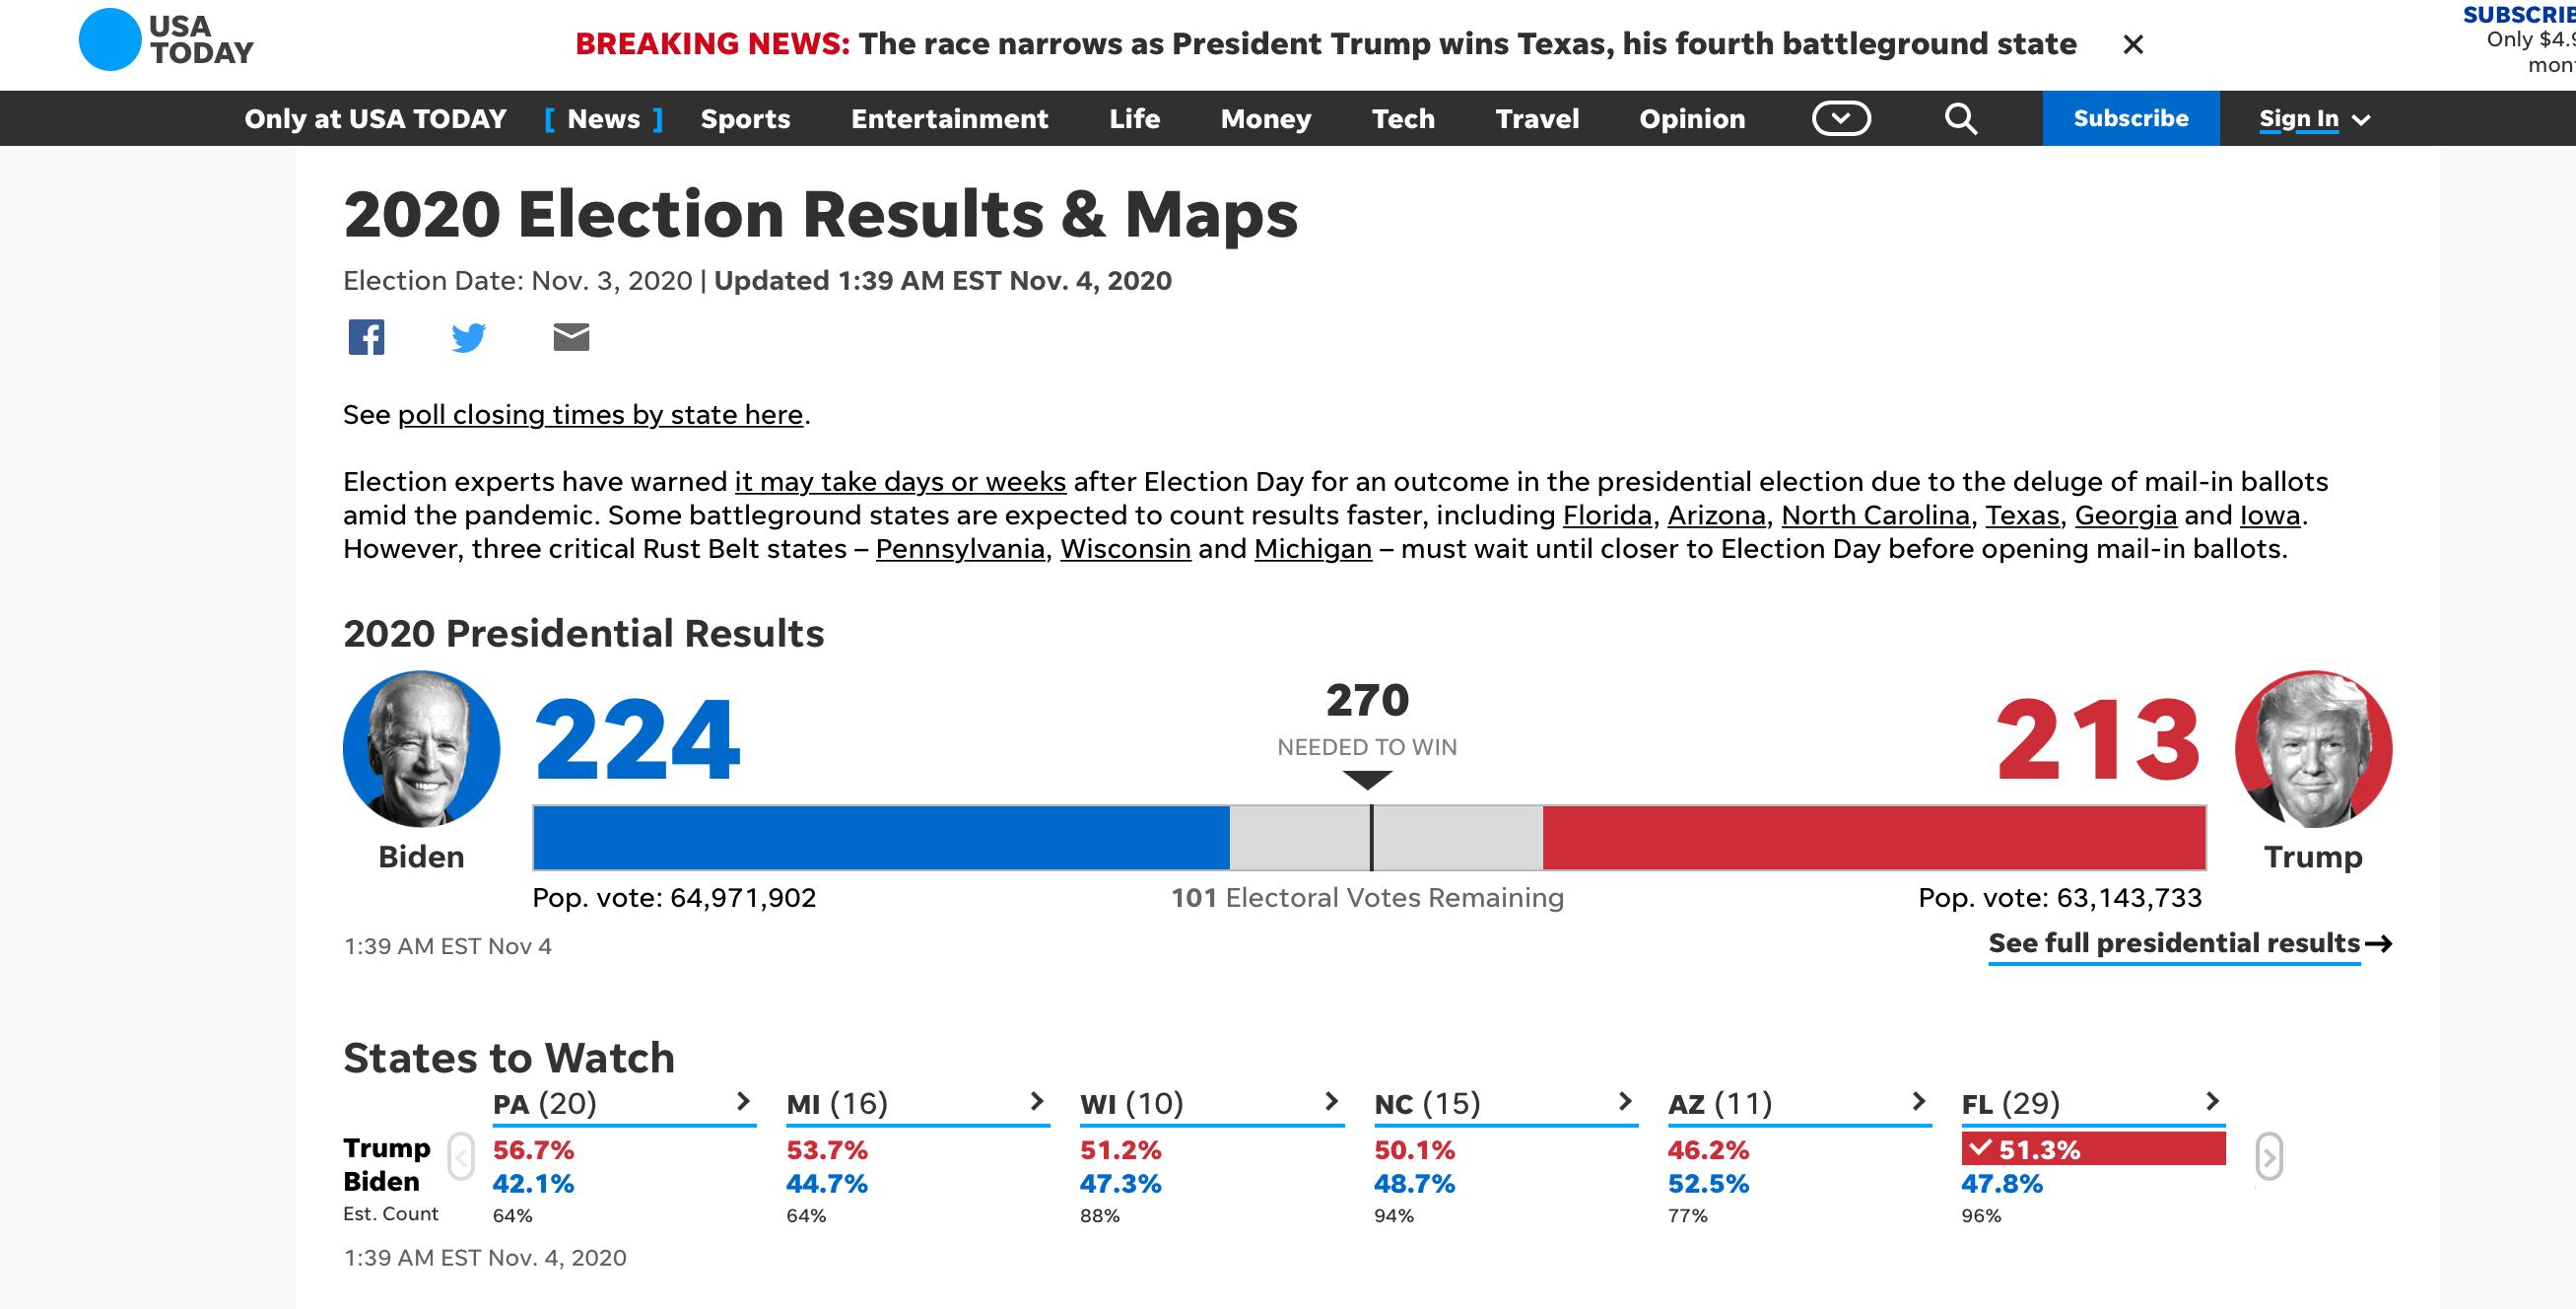 Байден лидирует на президентских выборах в США, однако отрыв с Трампом сократился